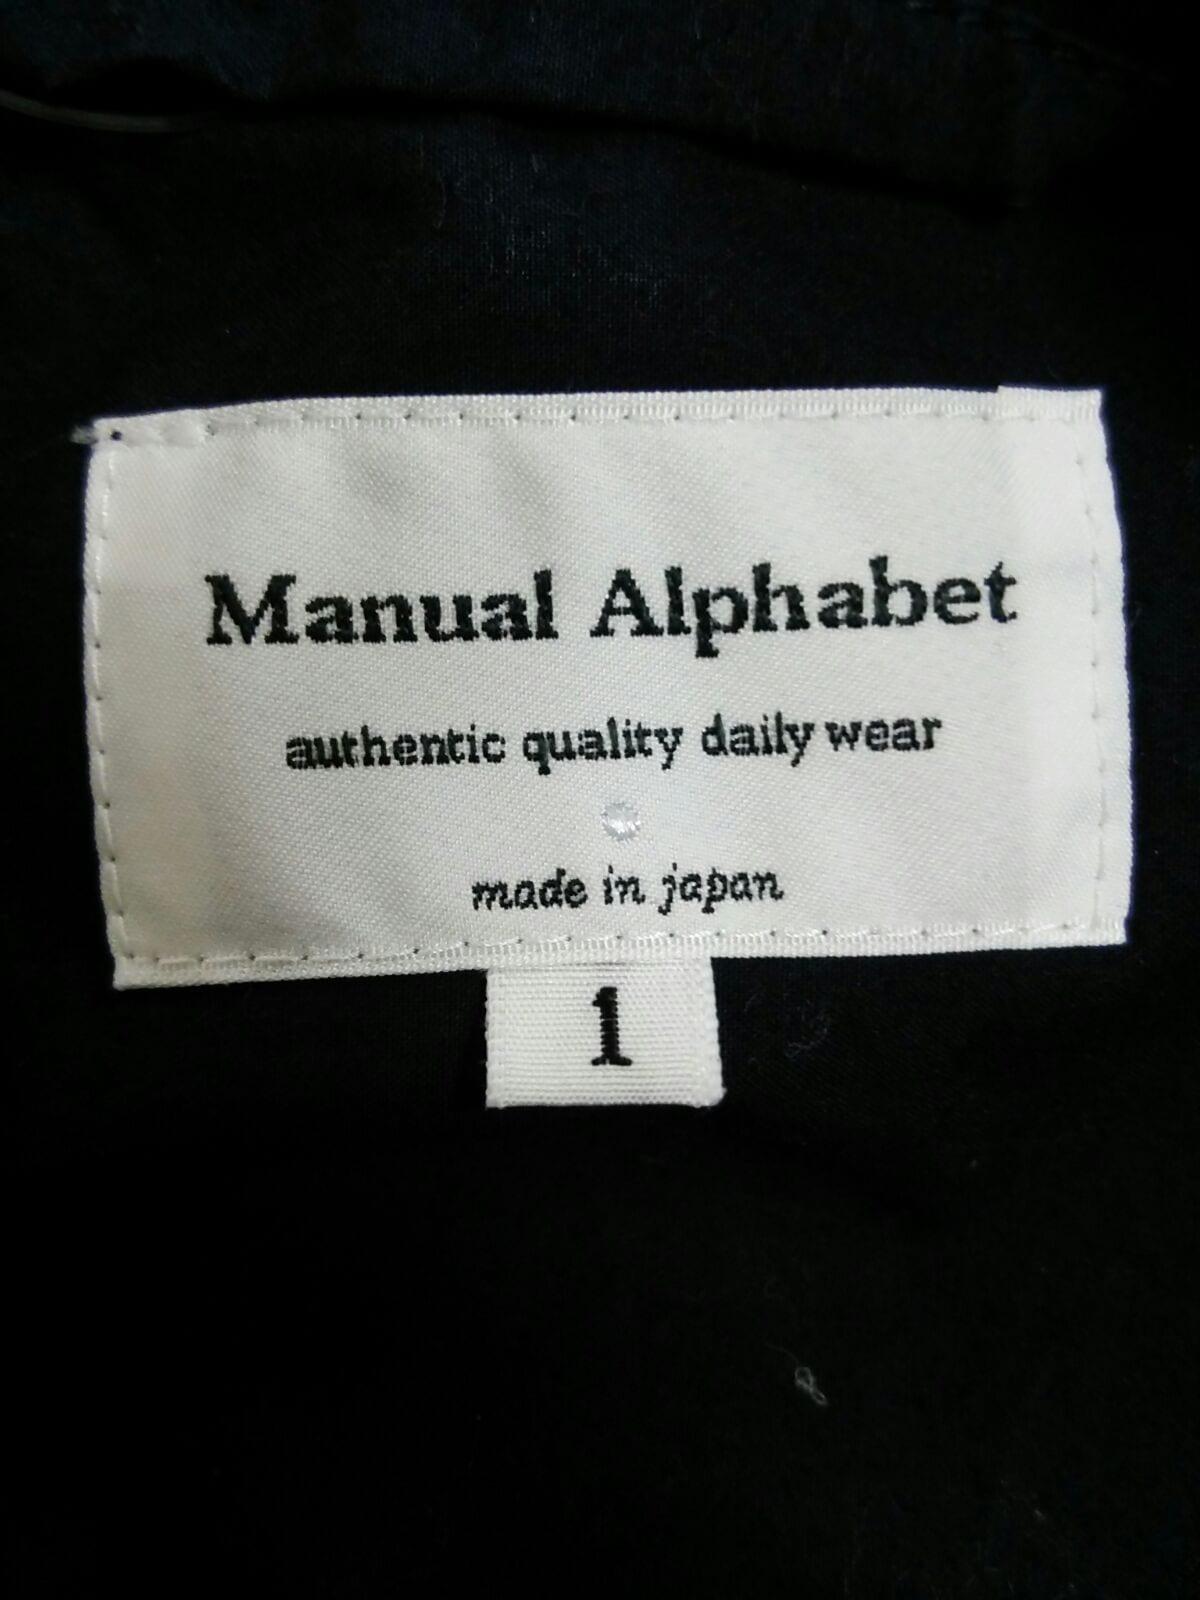 Manual Alphabet(マニュアルアルファベット)のコート